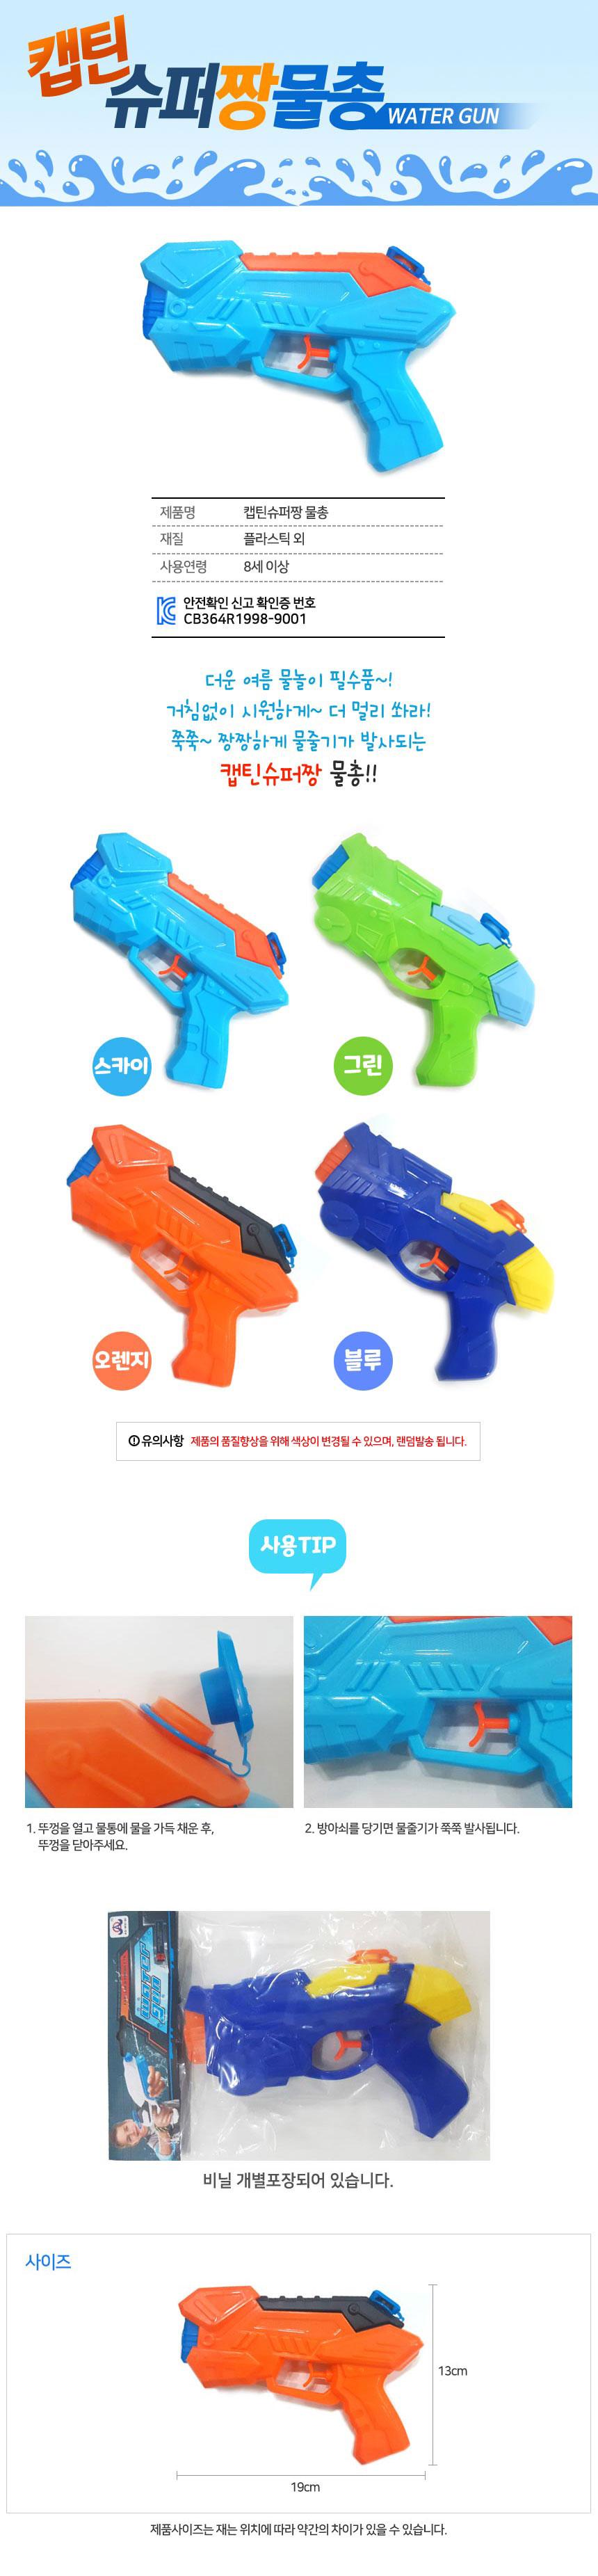 sponge_gun_11.jpg